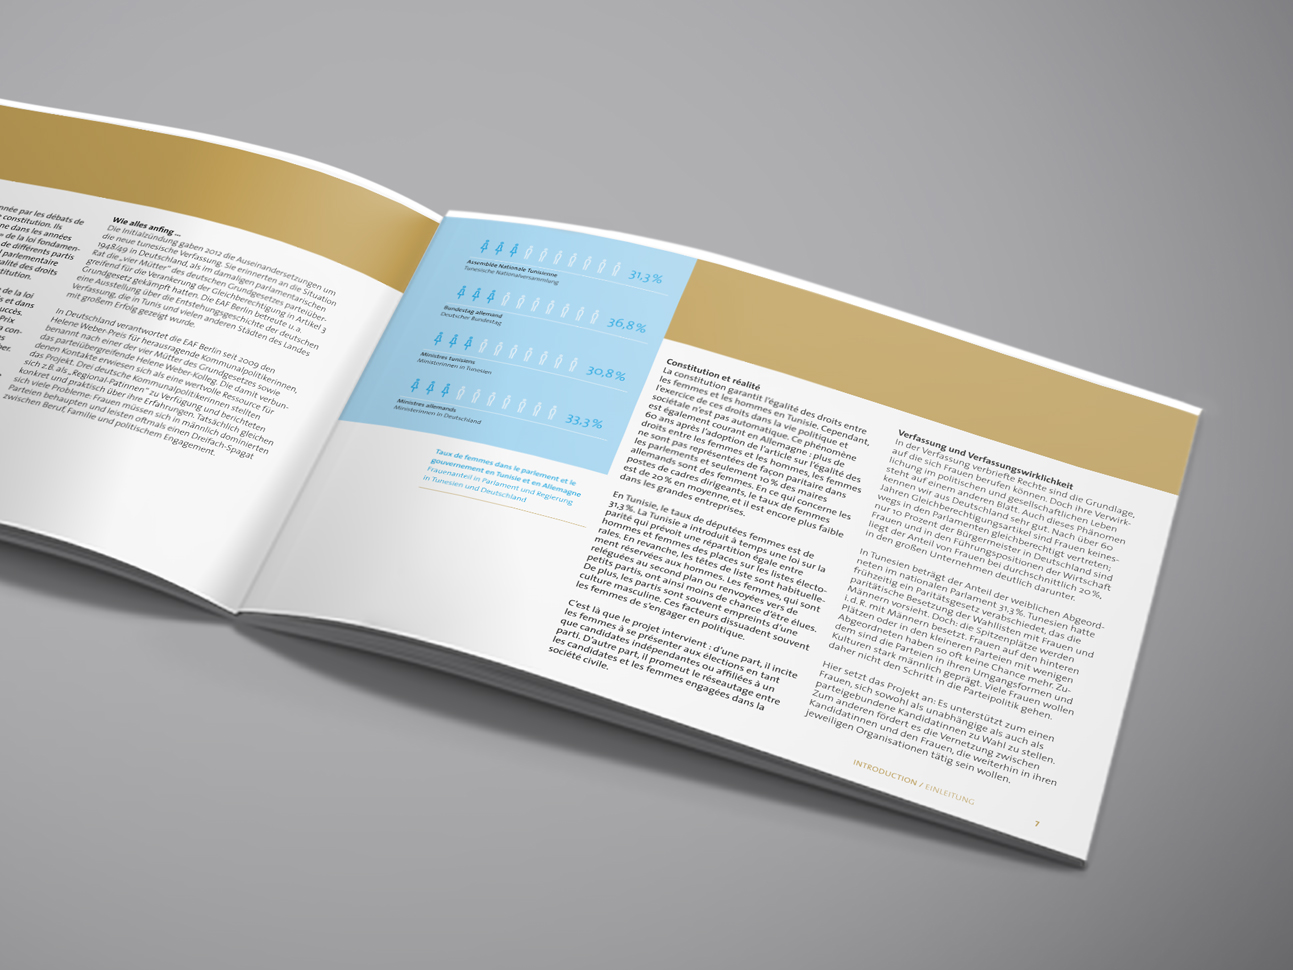 martin_zech_design_projekt_design_demokratie-braucht-frauen_broschuere_einleitung